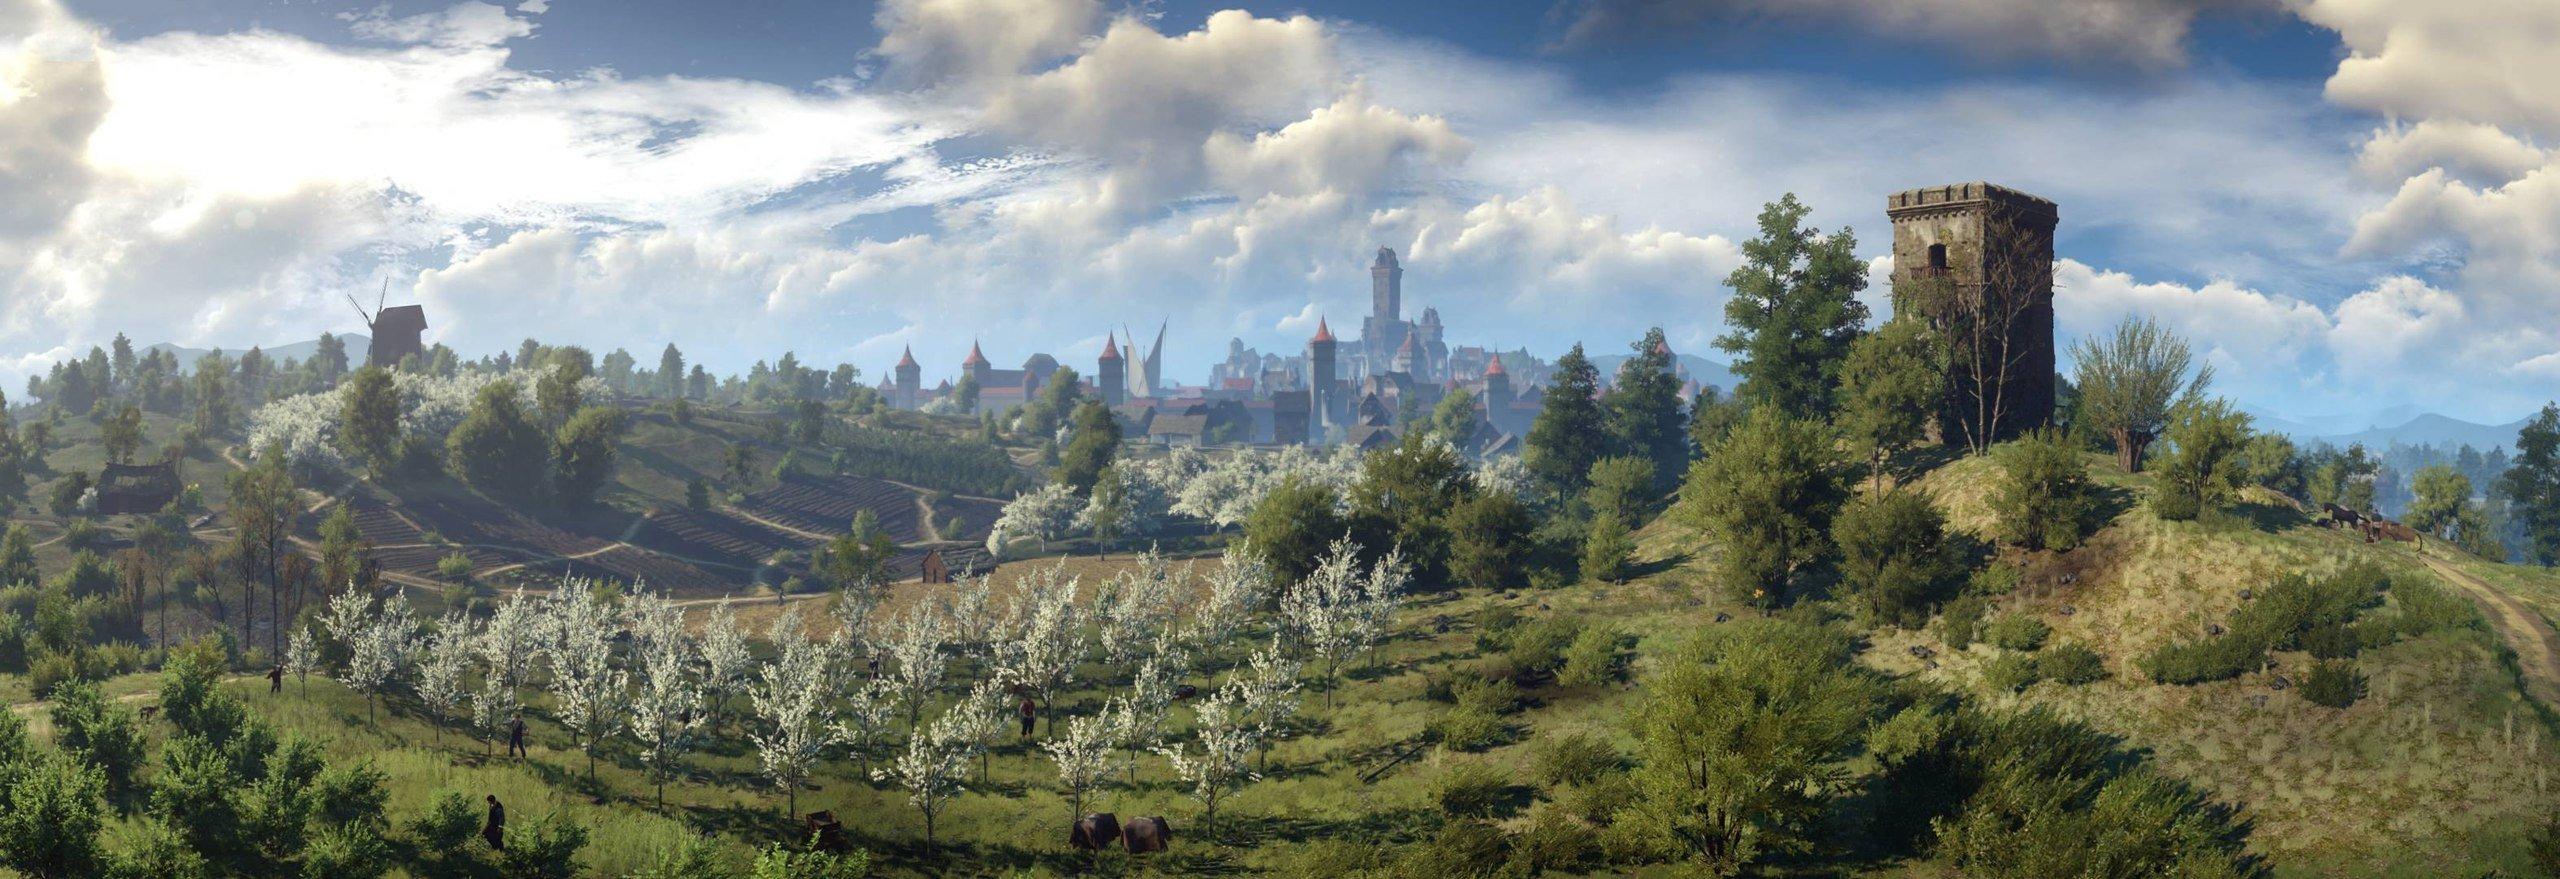 The Witcher 3: Wild Hunt. Все главное за прошедшее время и предстоящий показ.    После церемонии награждение TGA и п ... - Изображение 9